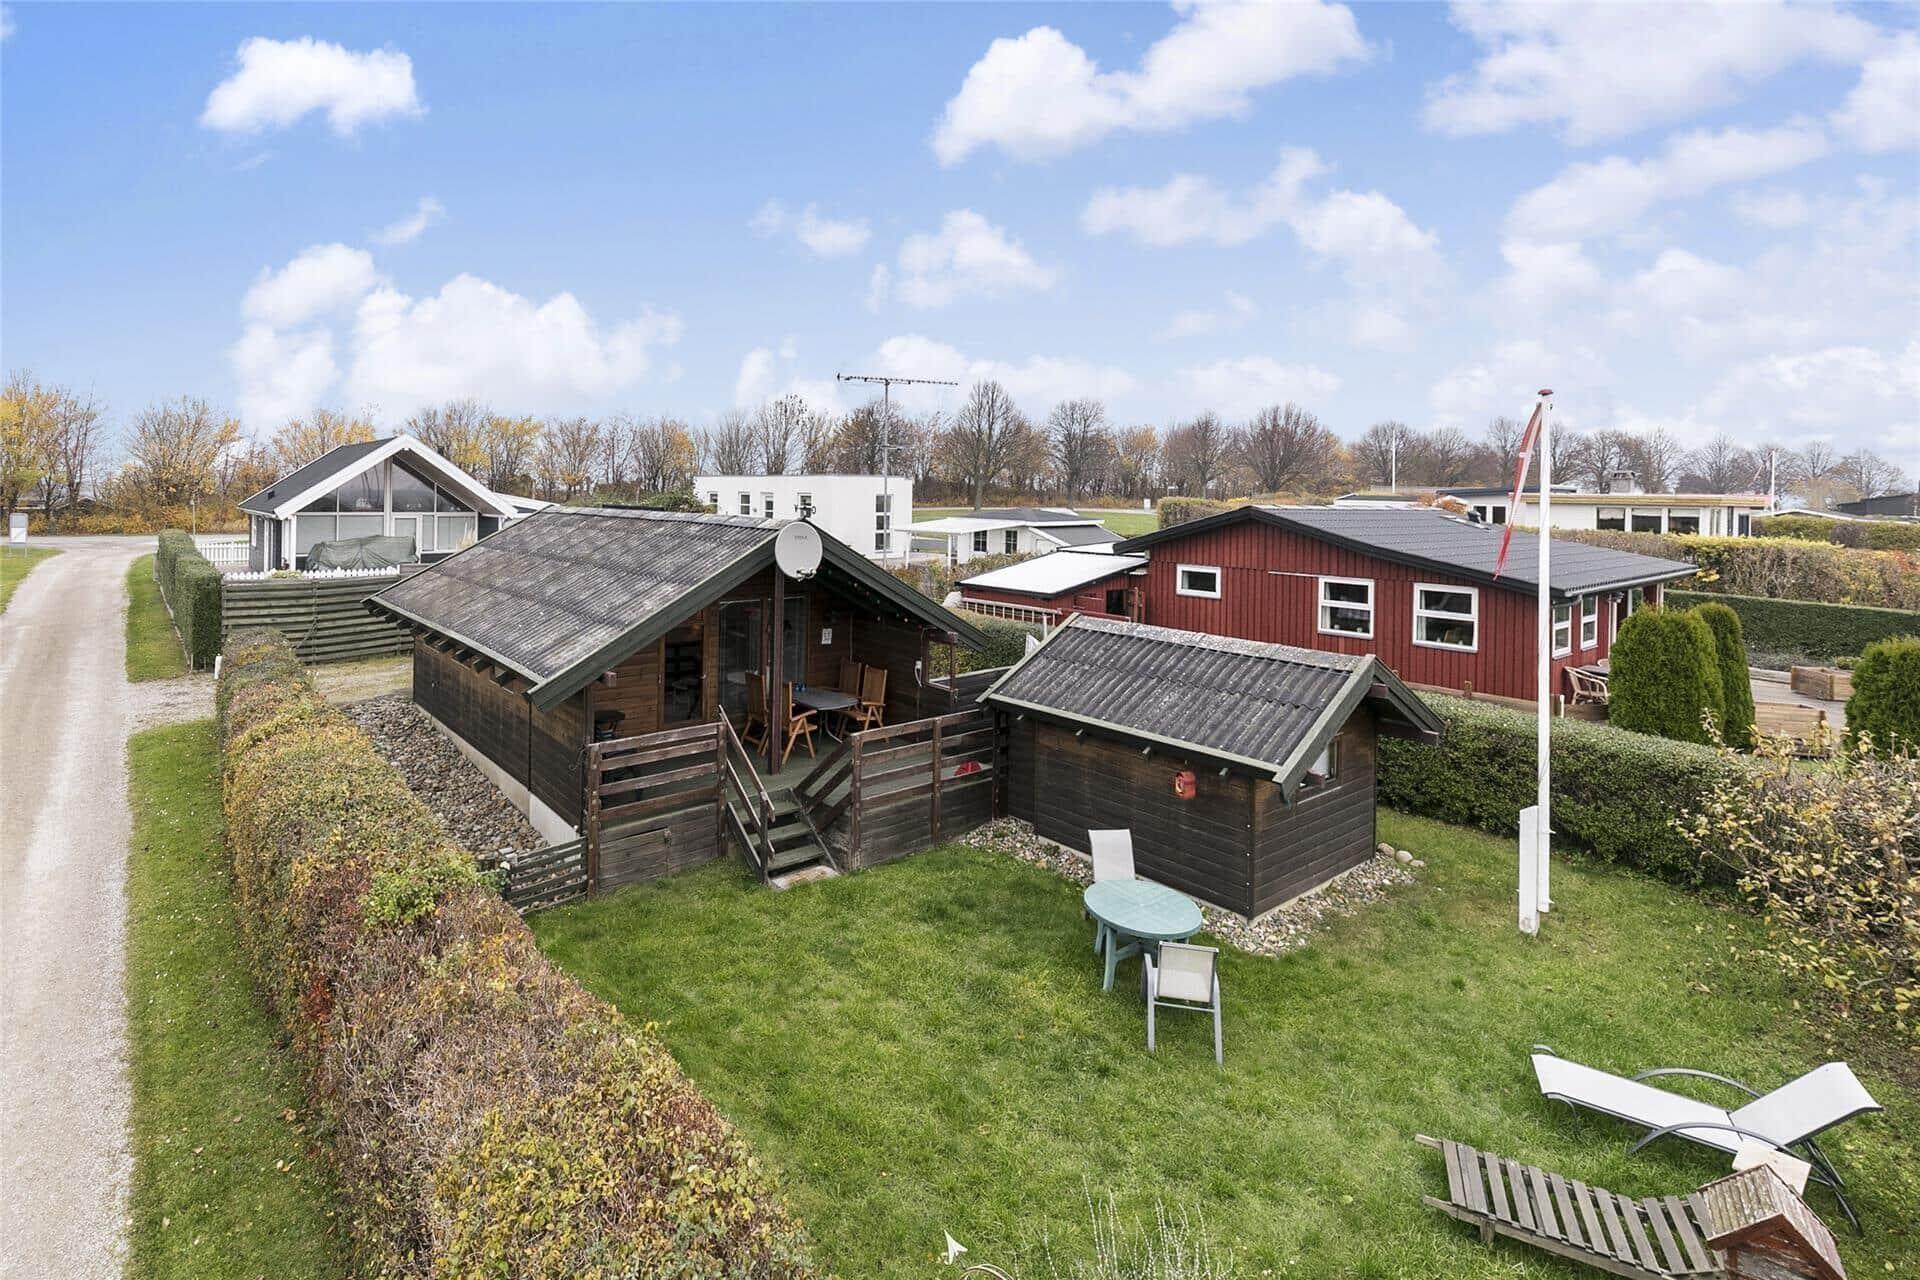 Billede 1-6 Sommerhus N300, Poulsvej 104, DK - 4736 Karrebæksminde